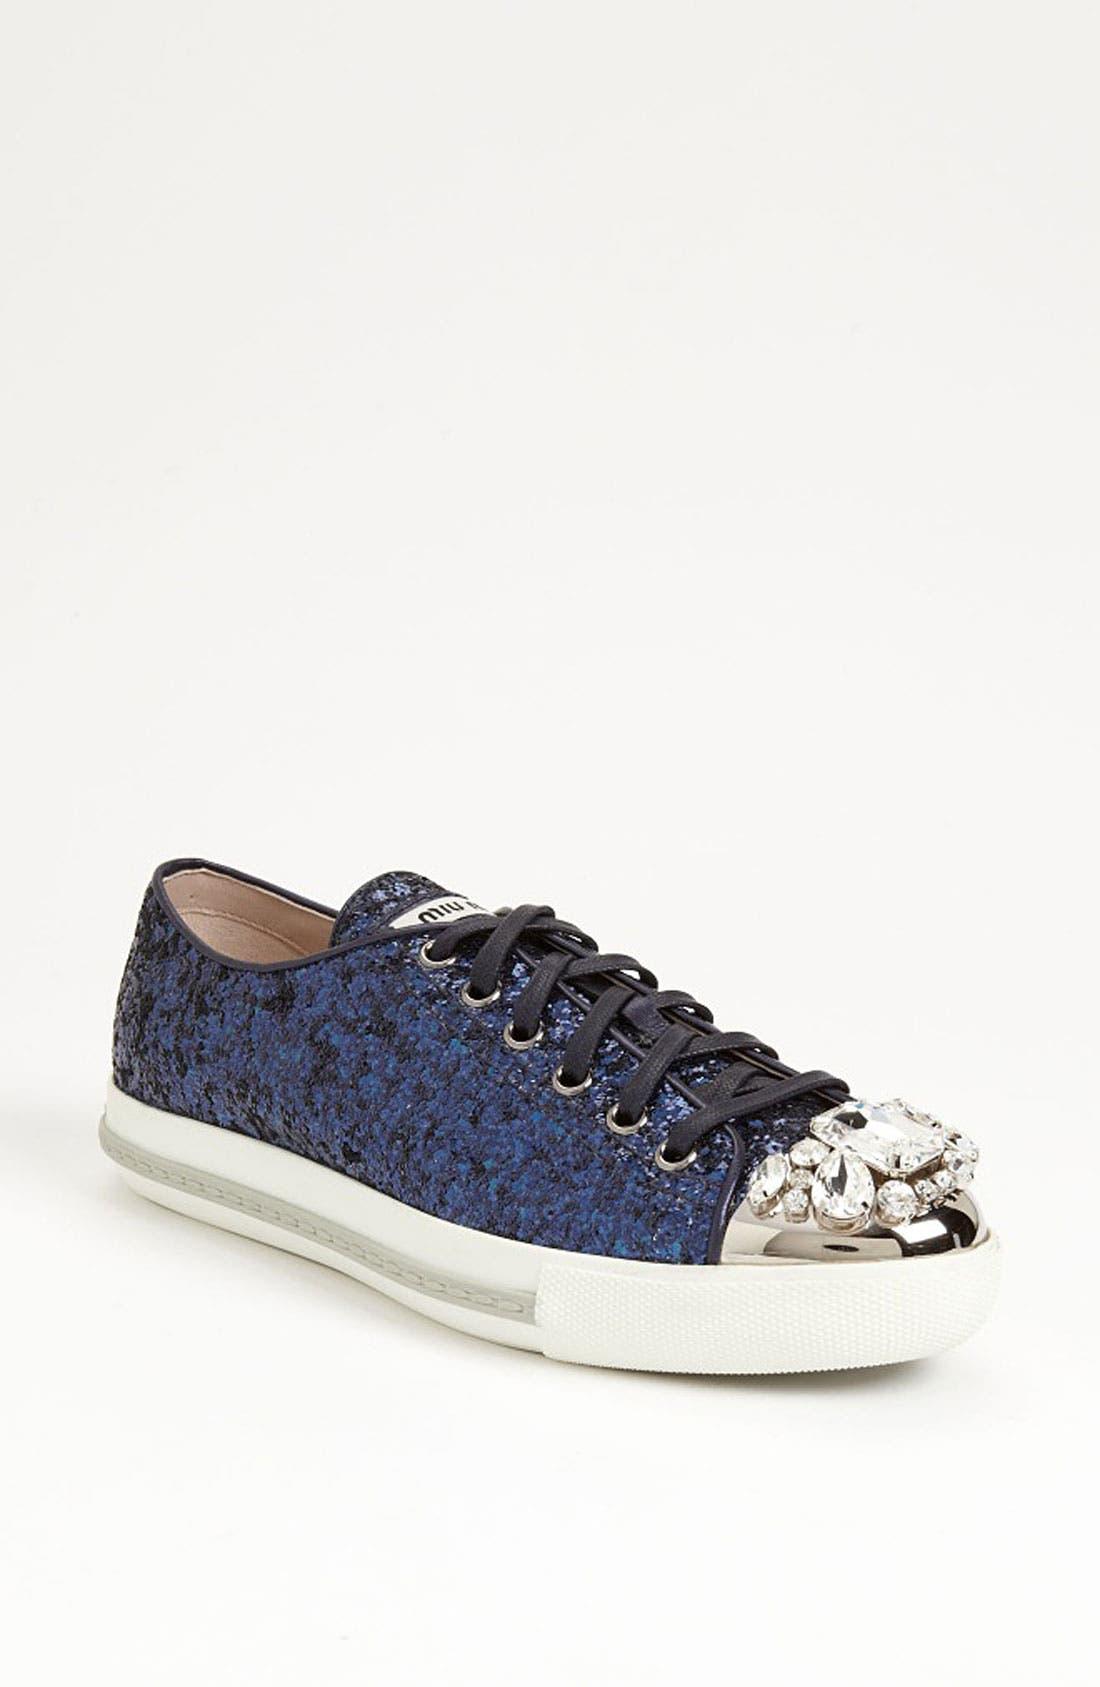 Main Image - Miu Miu Glitter Crystal Toe Sneaker